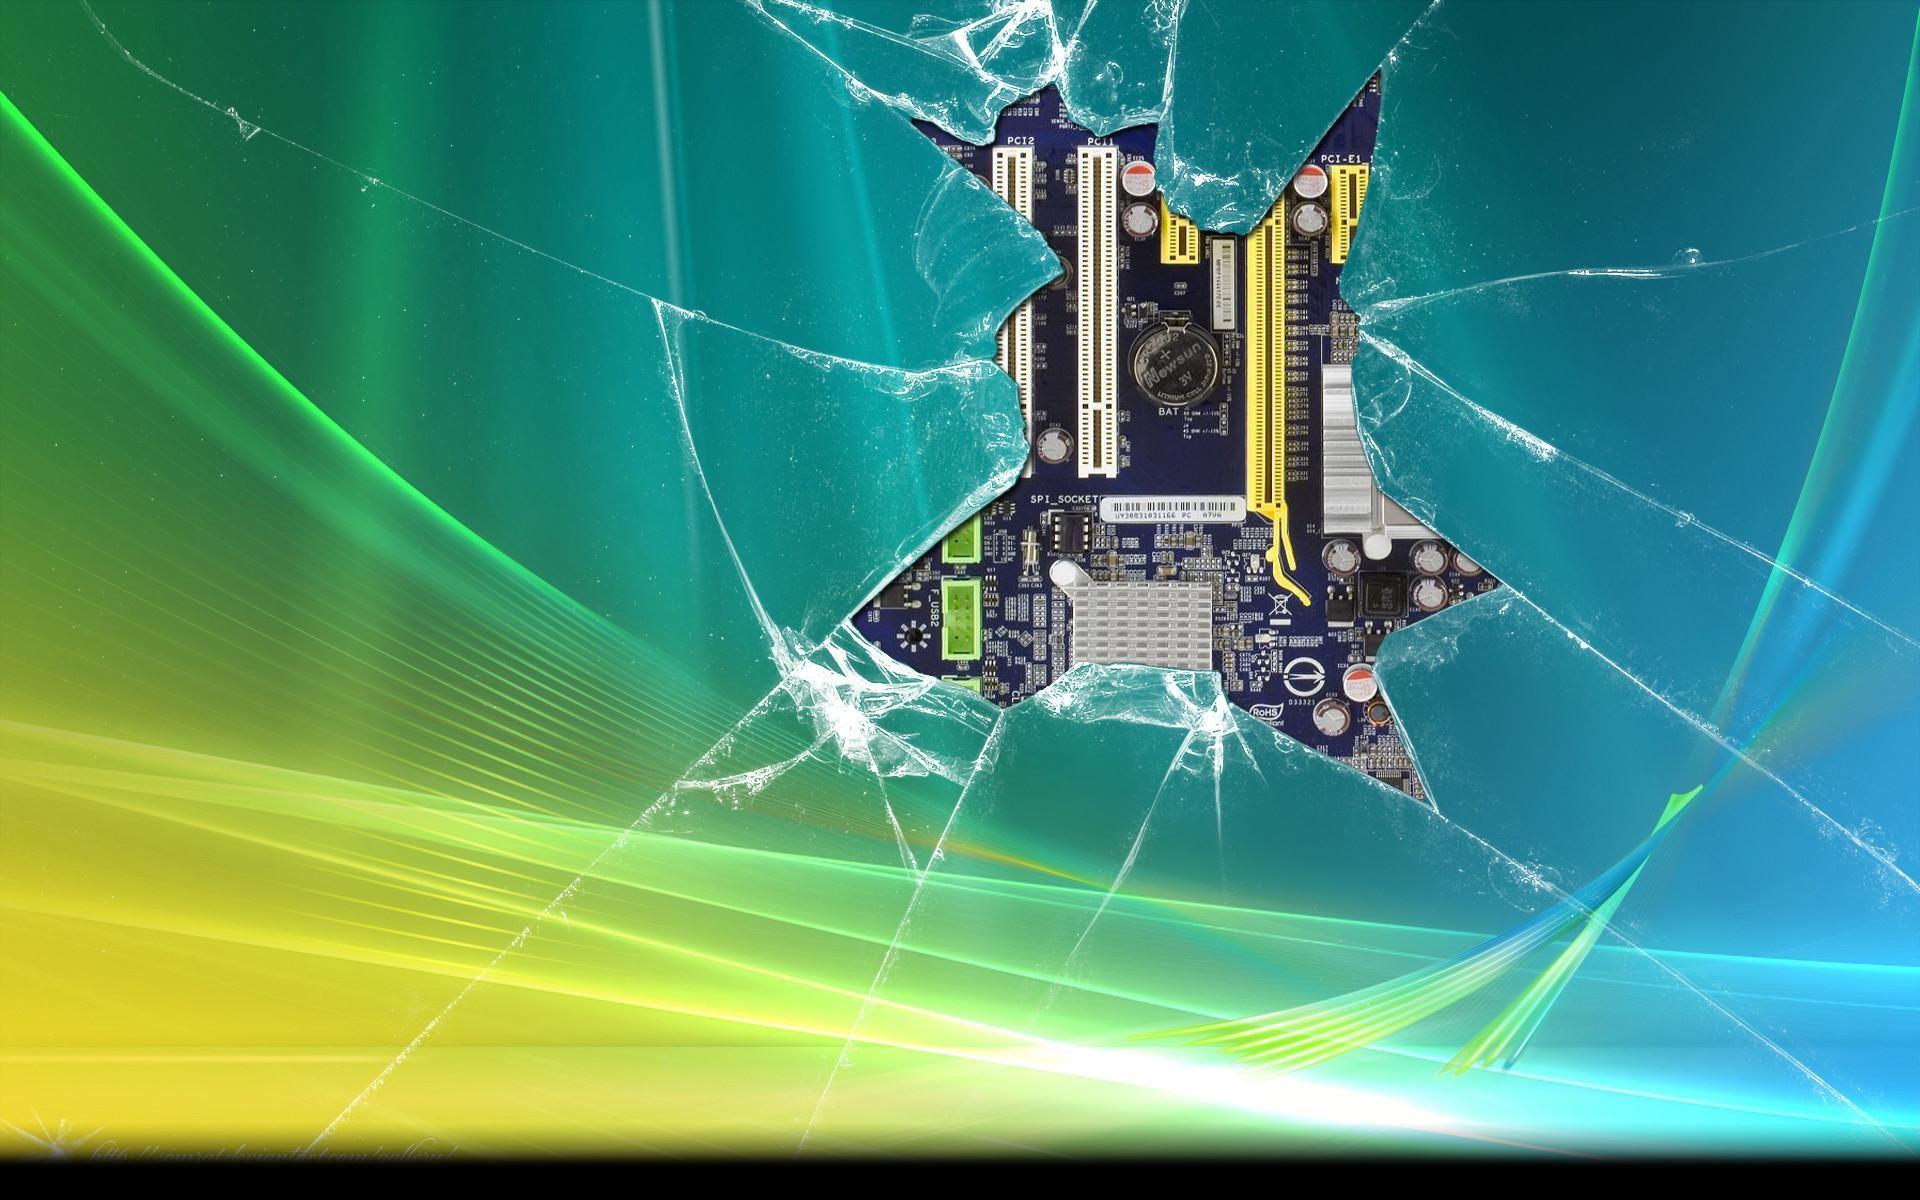 Broken Screen HD Wallpapers